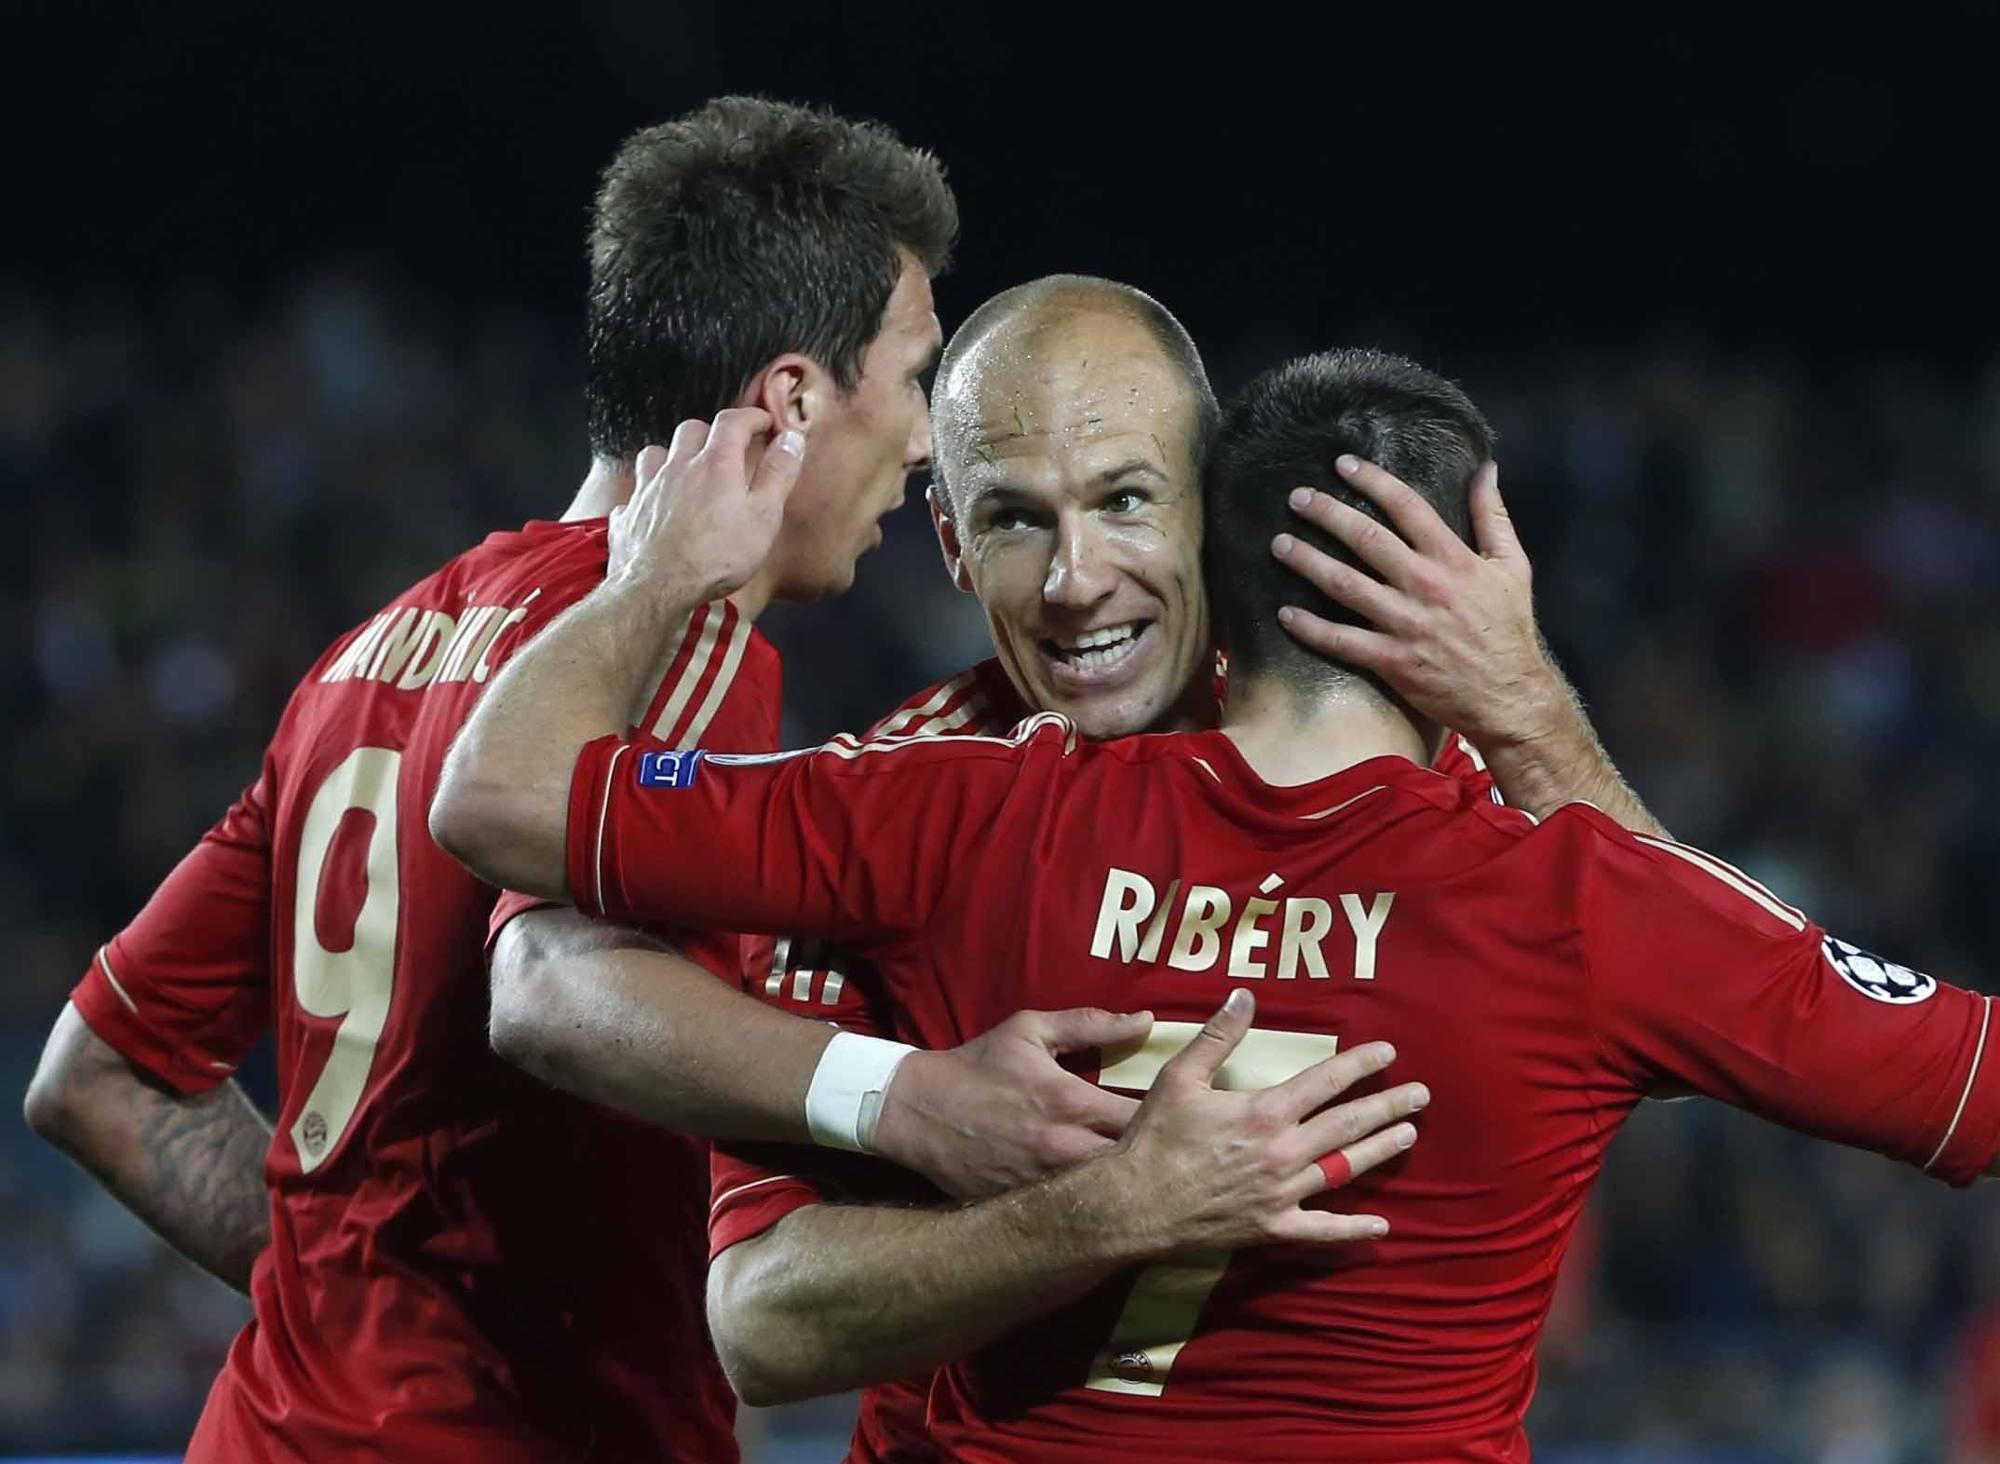 La gioia di Robben e compagni dopo lo 0-3 al Camp Nou contro il Barcellona